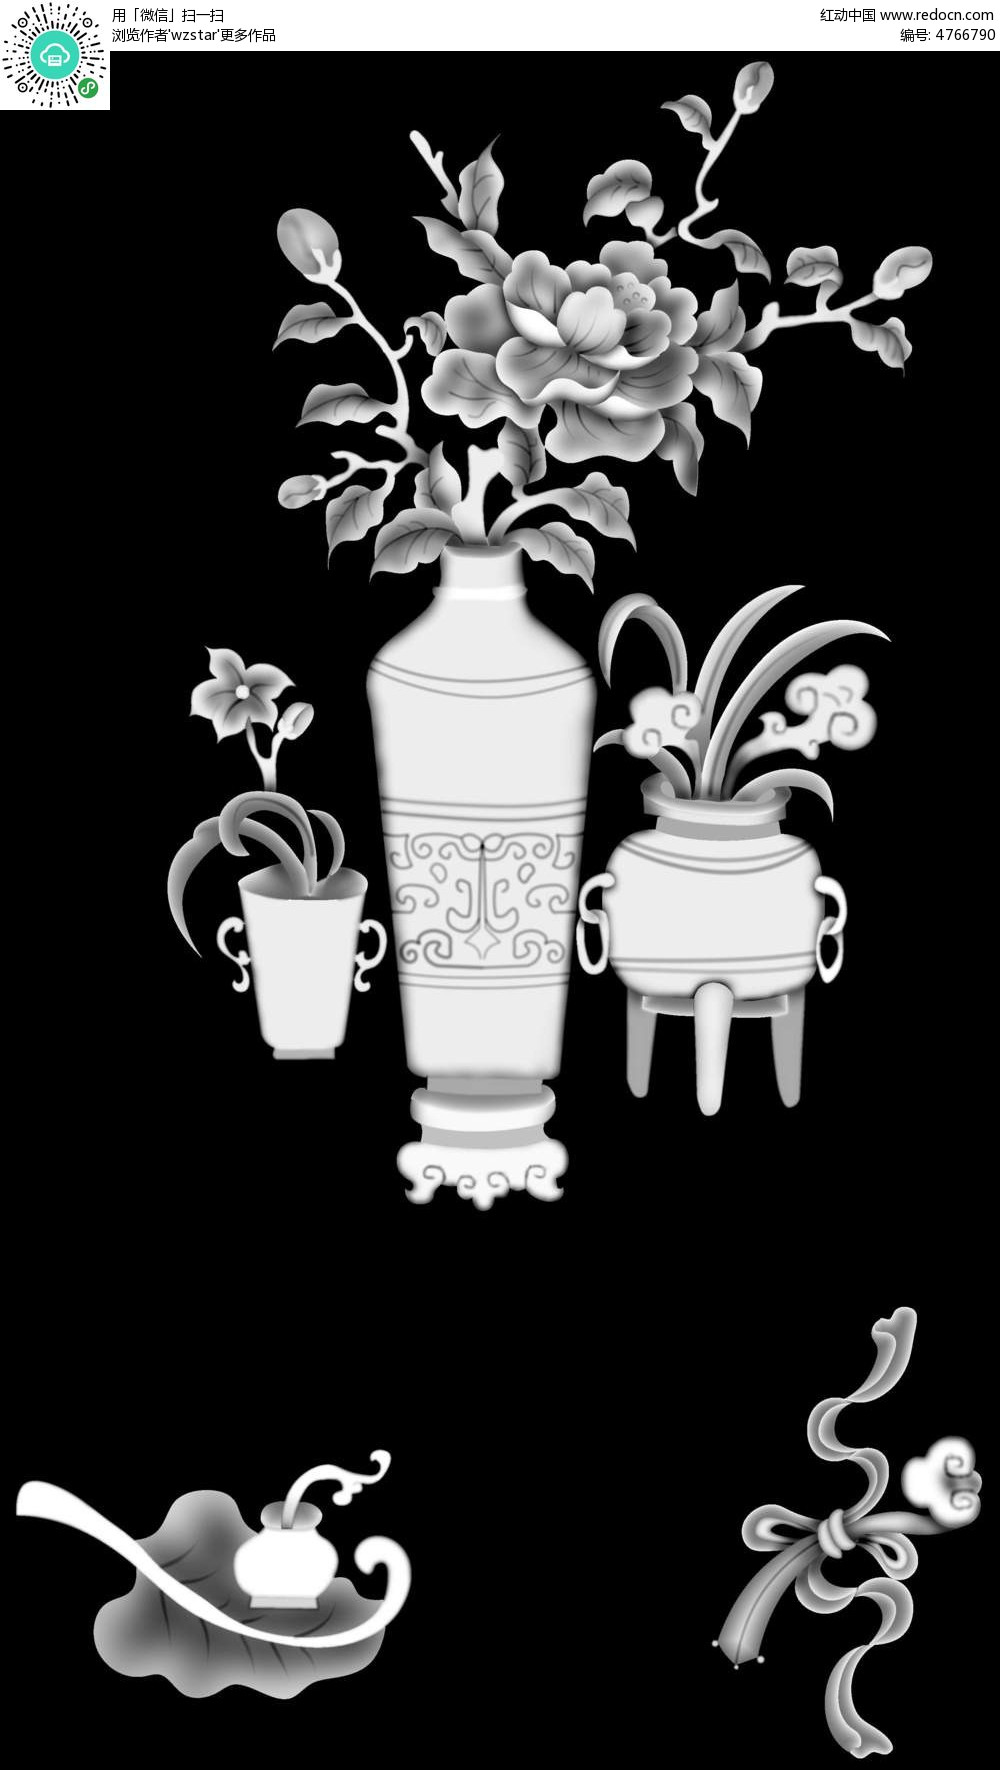 花朵花瓶植物黑白浮雕画